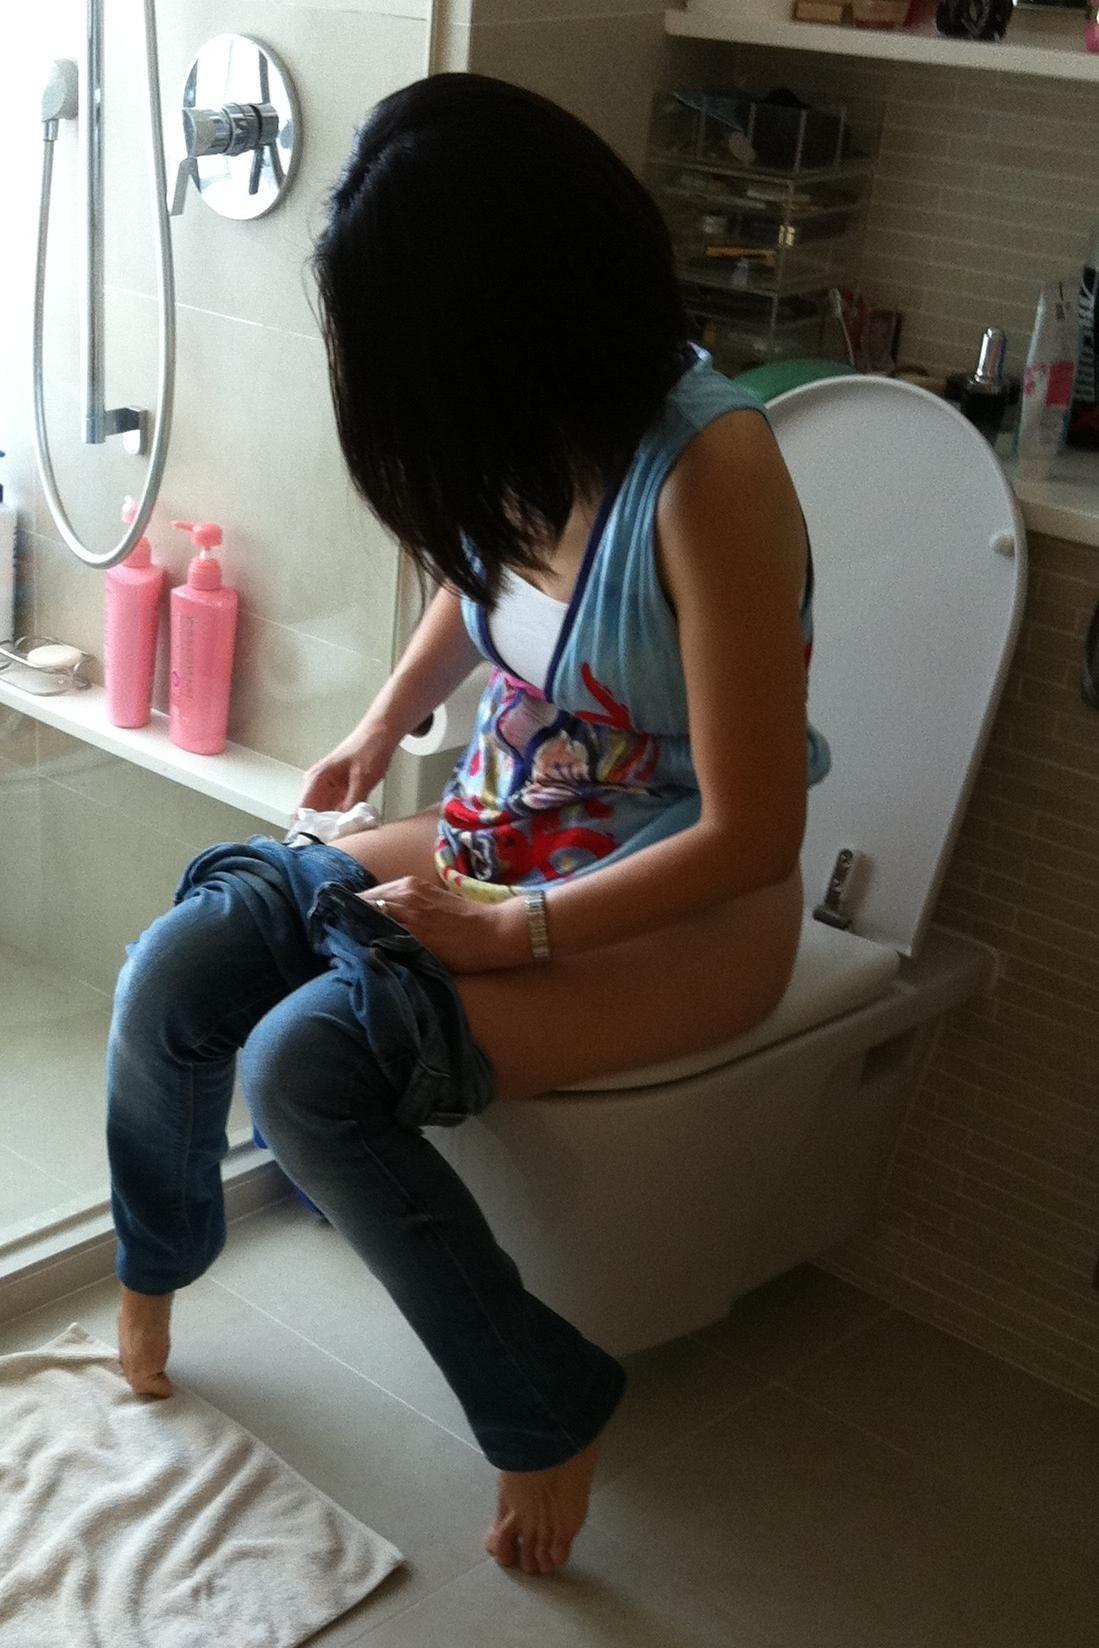 爪先立ち おしっこ 洋式トイレ 放尿 あるある エロ画像【25】